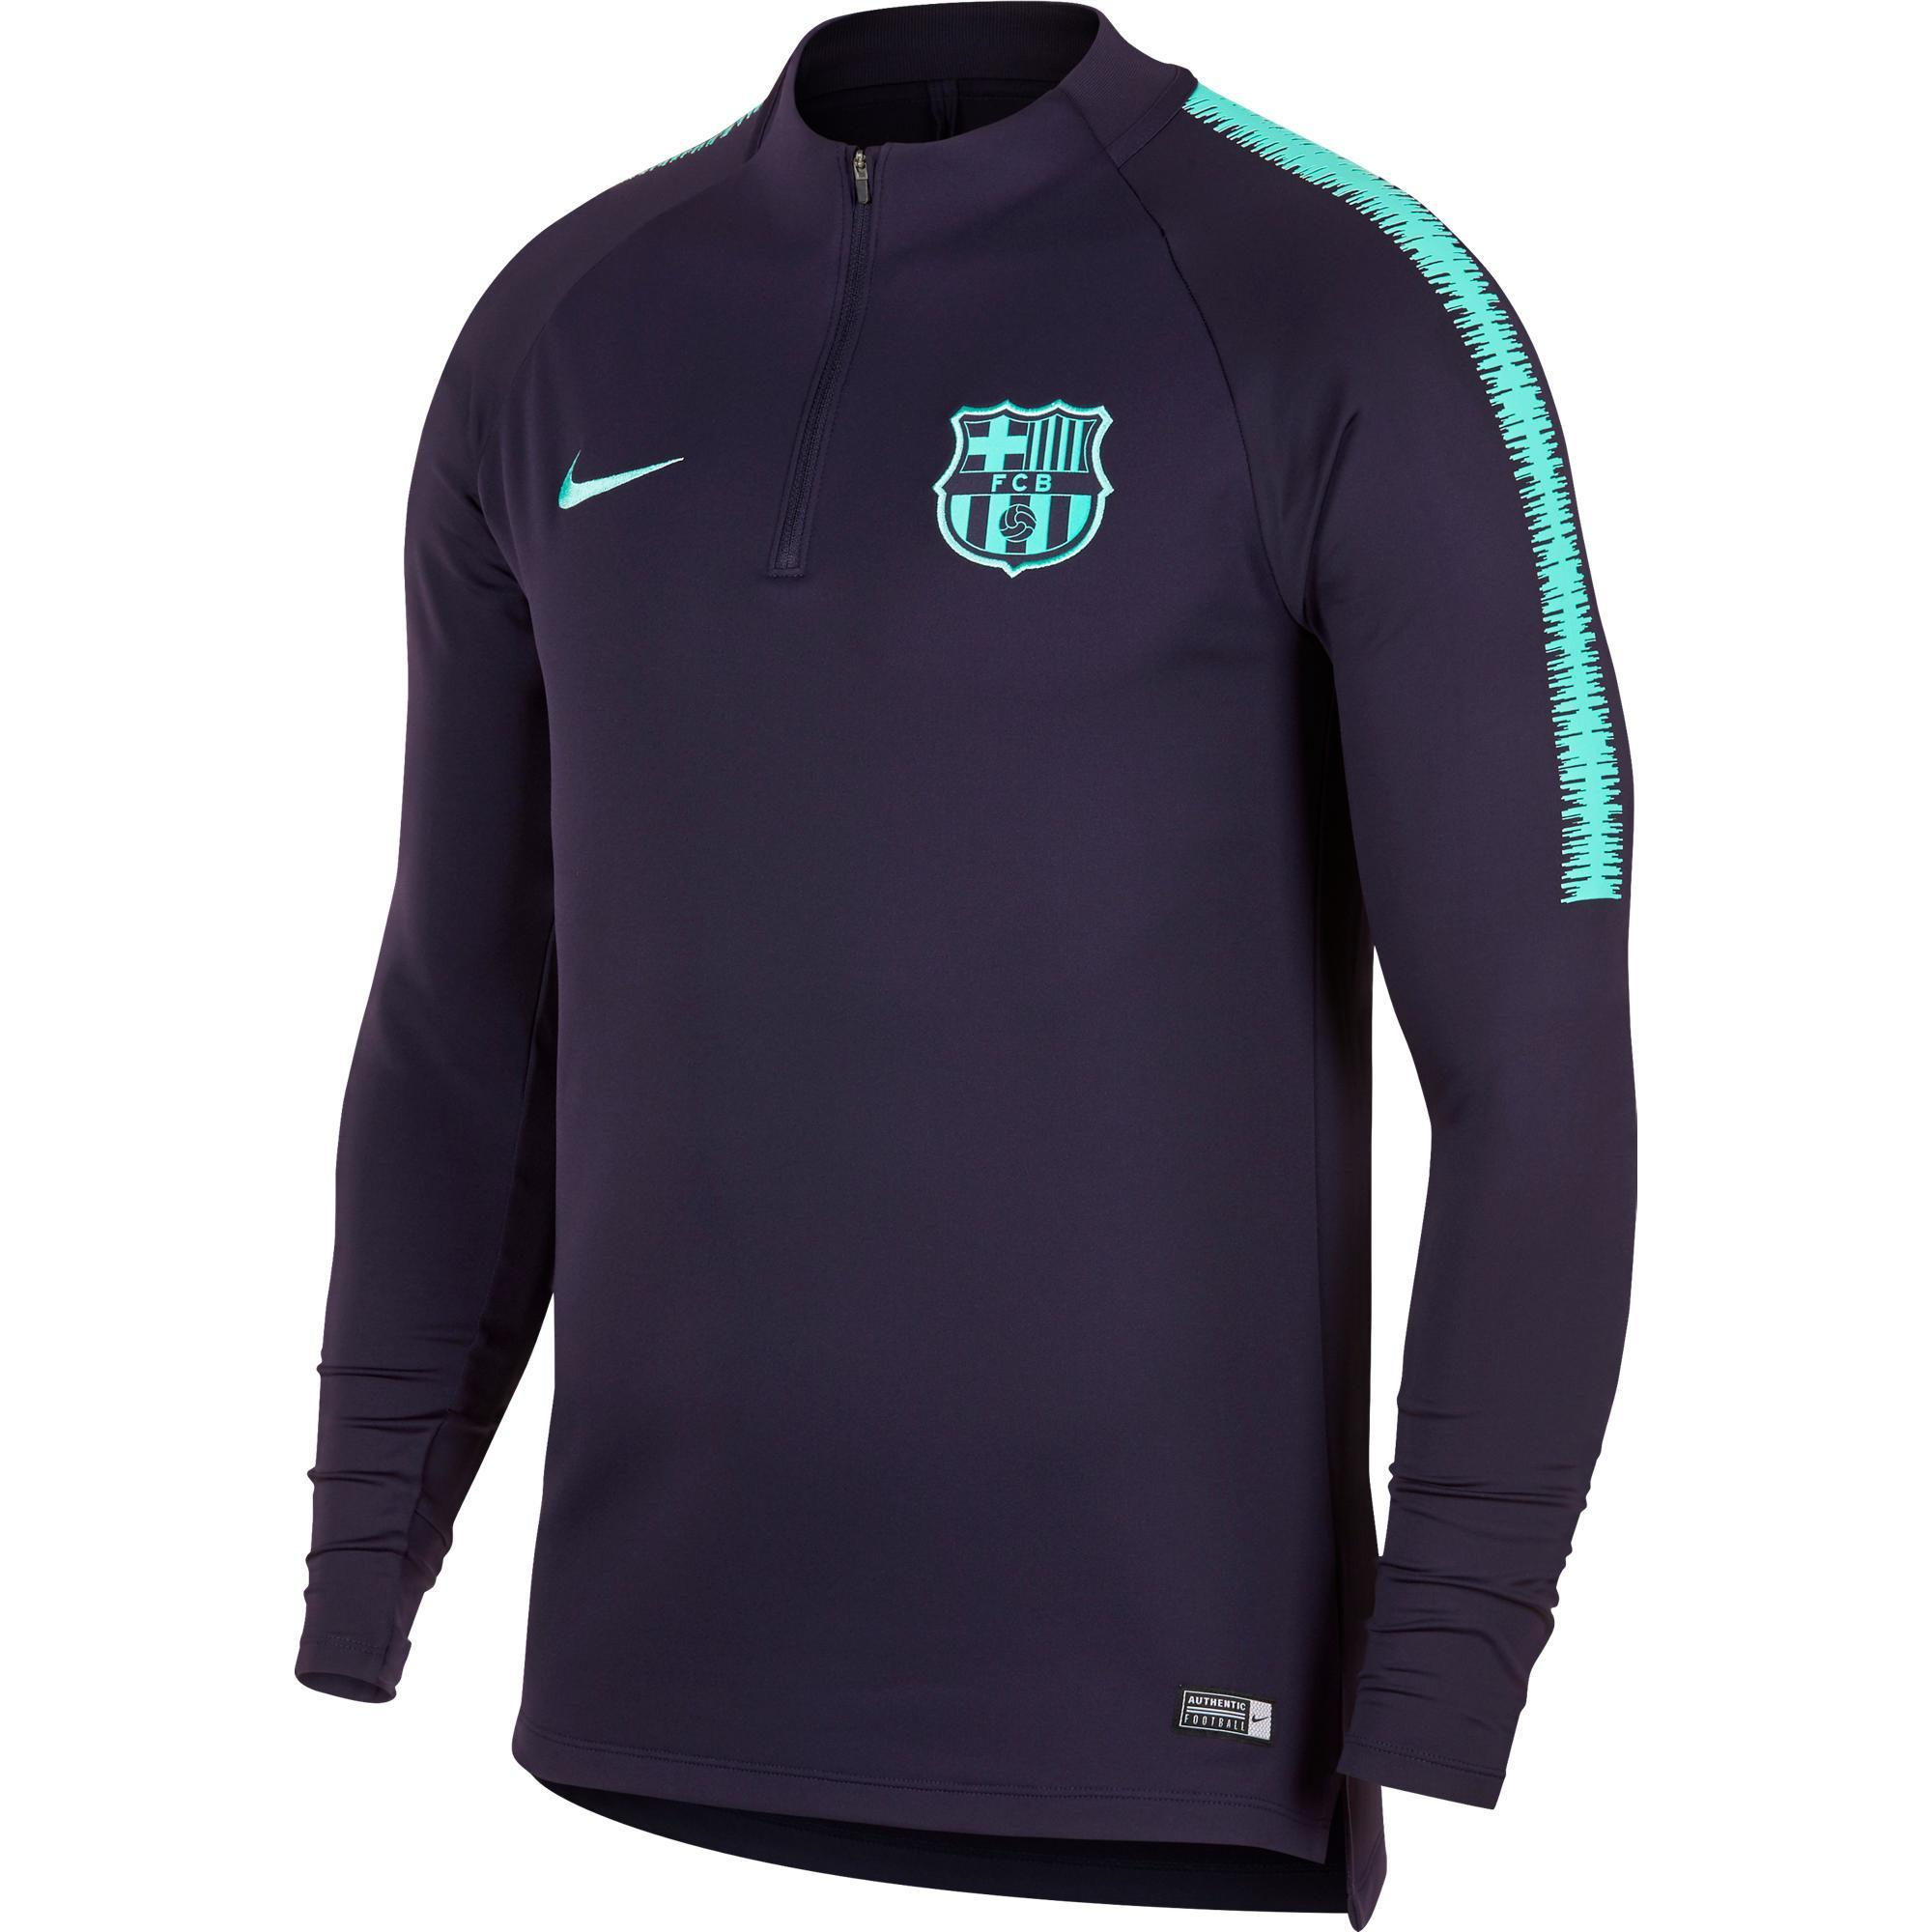 Equipación y Camiseta Oficial F.C. Barcelona 18 19  03aef1a0b46b4